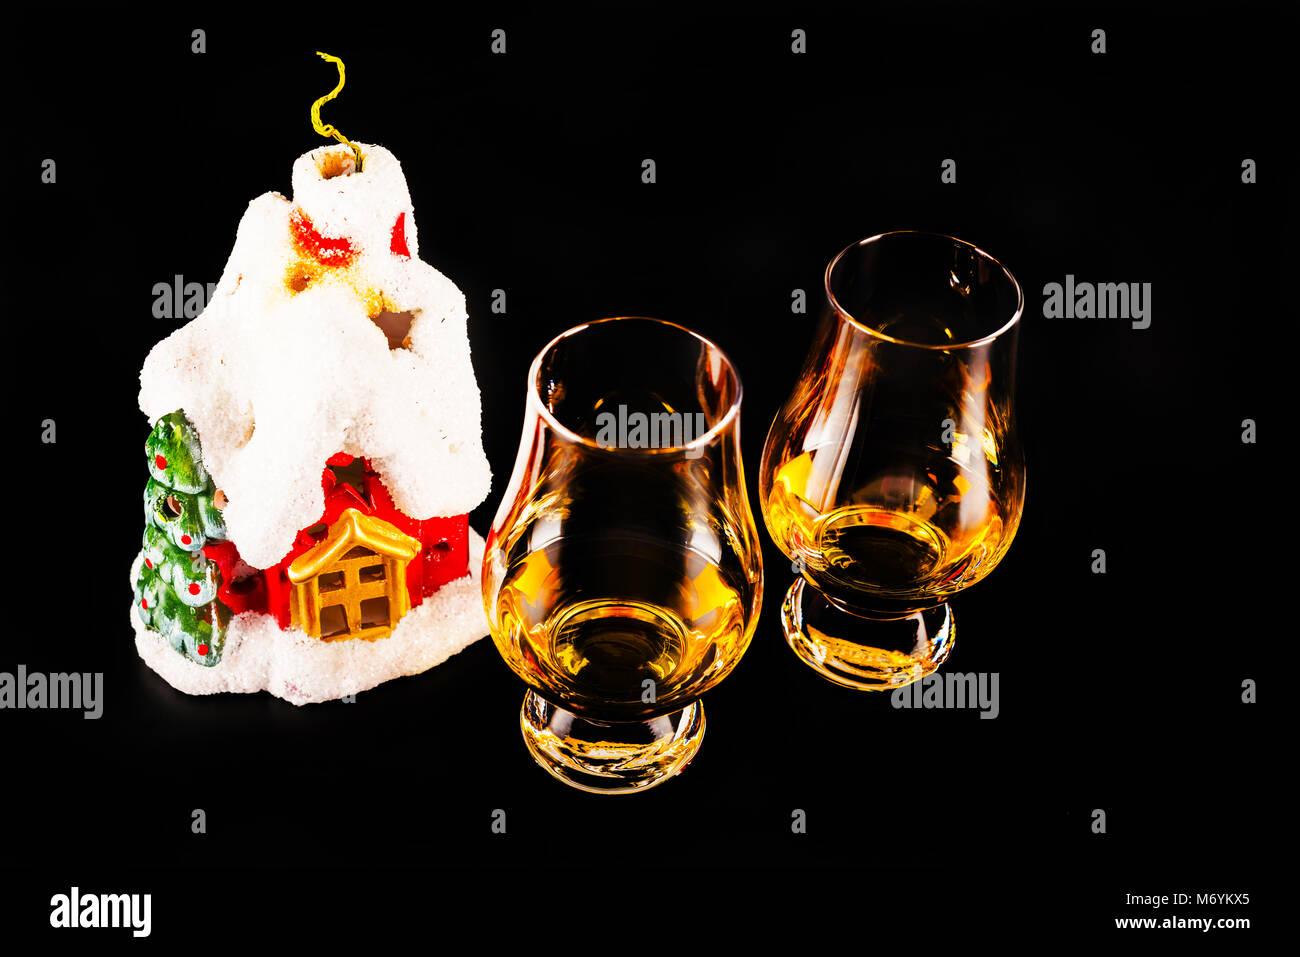 Single Weihnachten.Single Malt Whiskey Und Schöne Weihnachten Haus Kerze Weihnachten